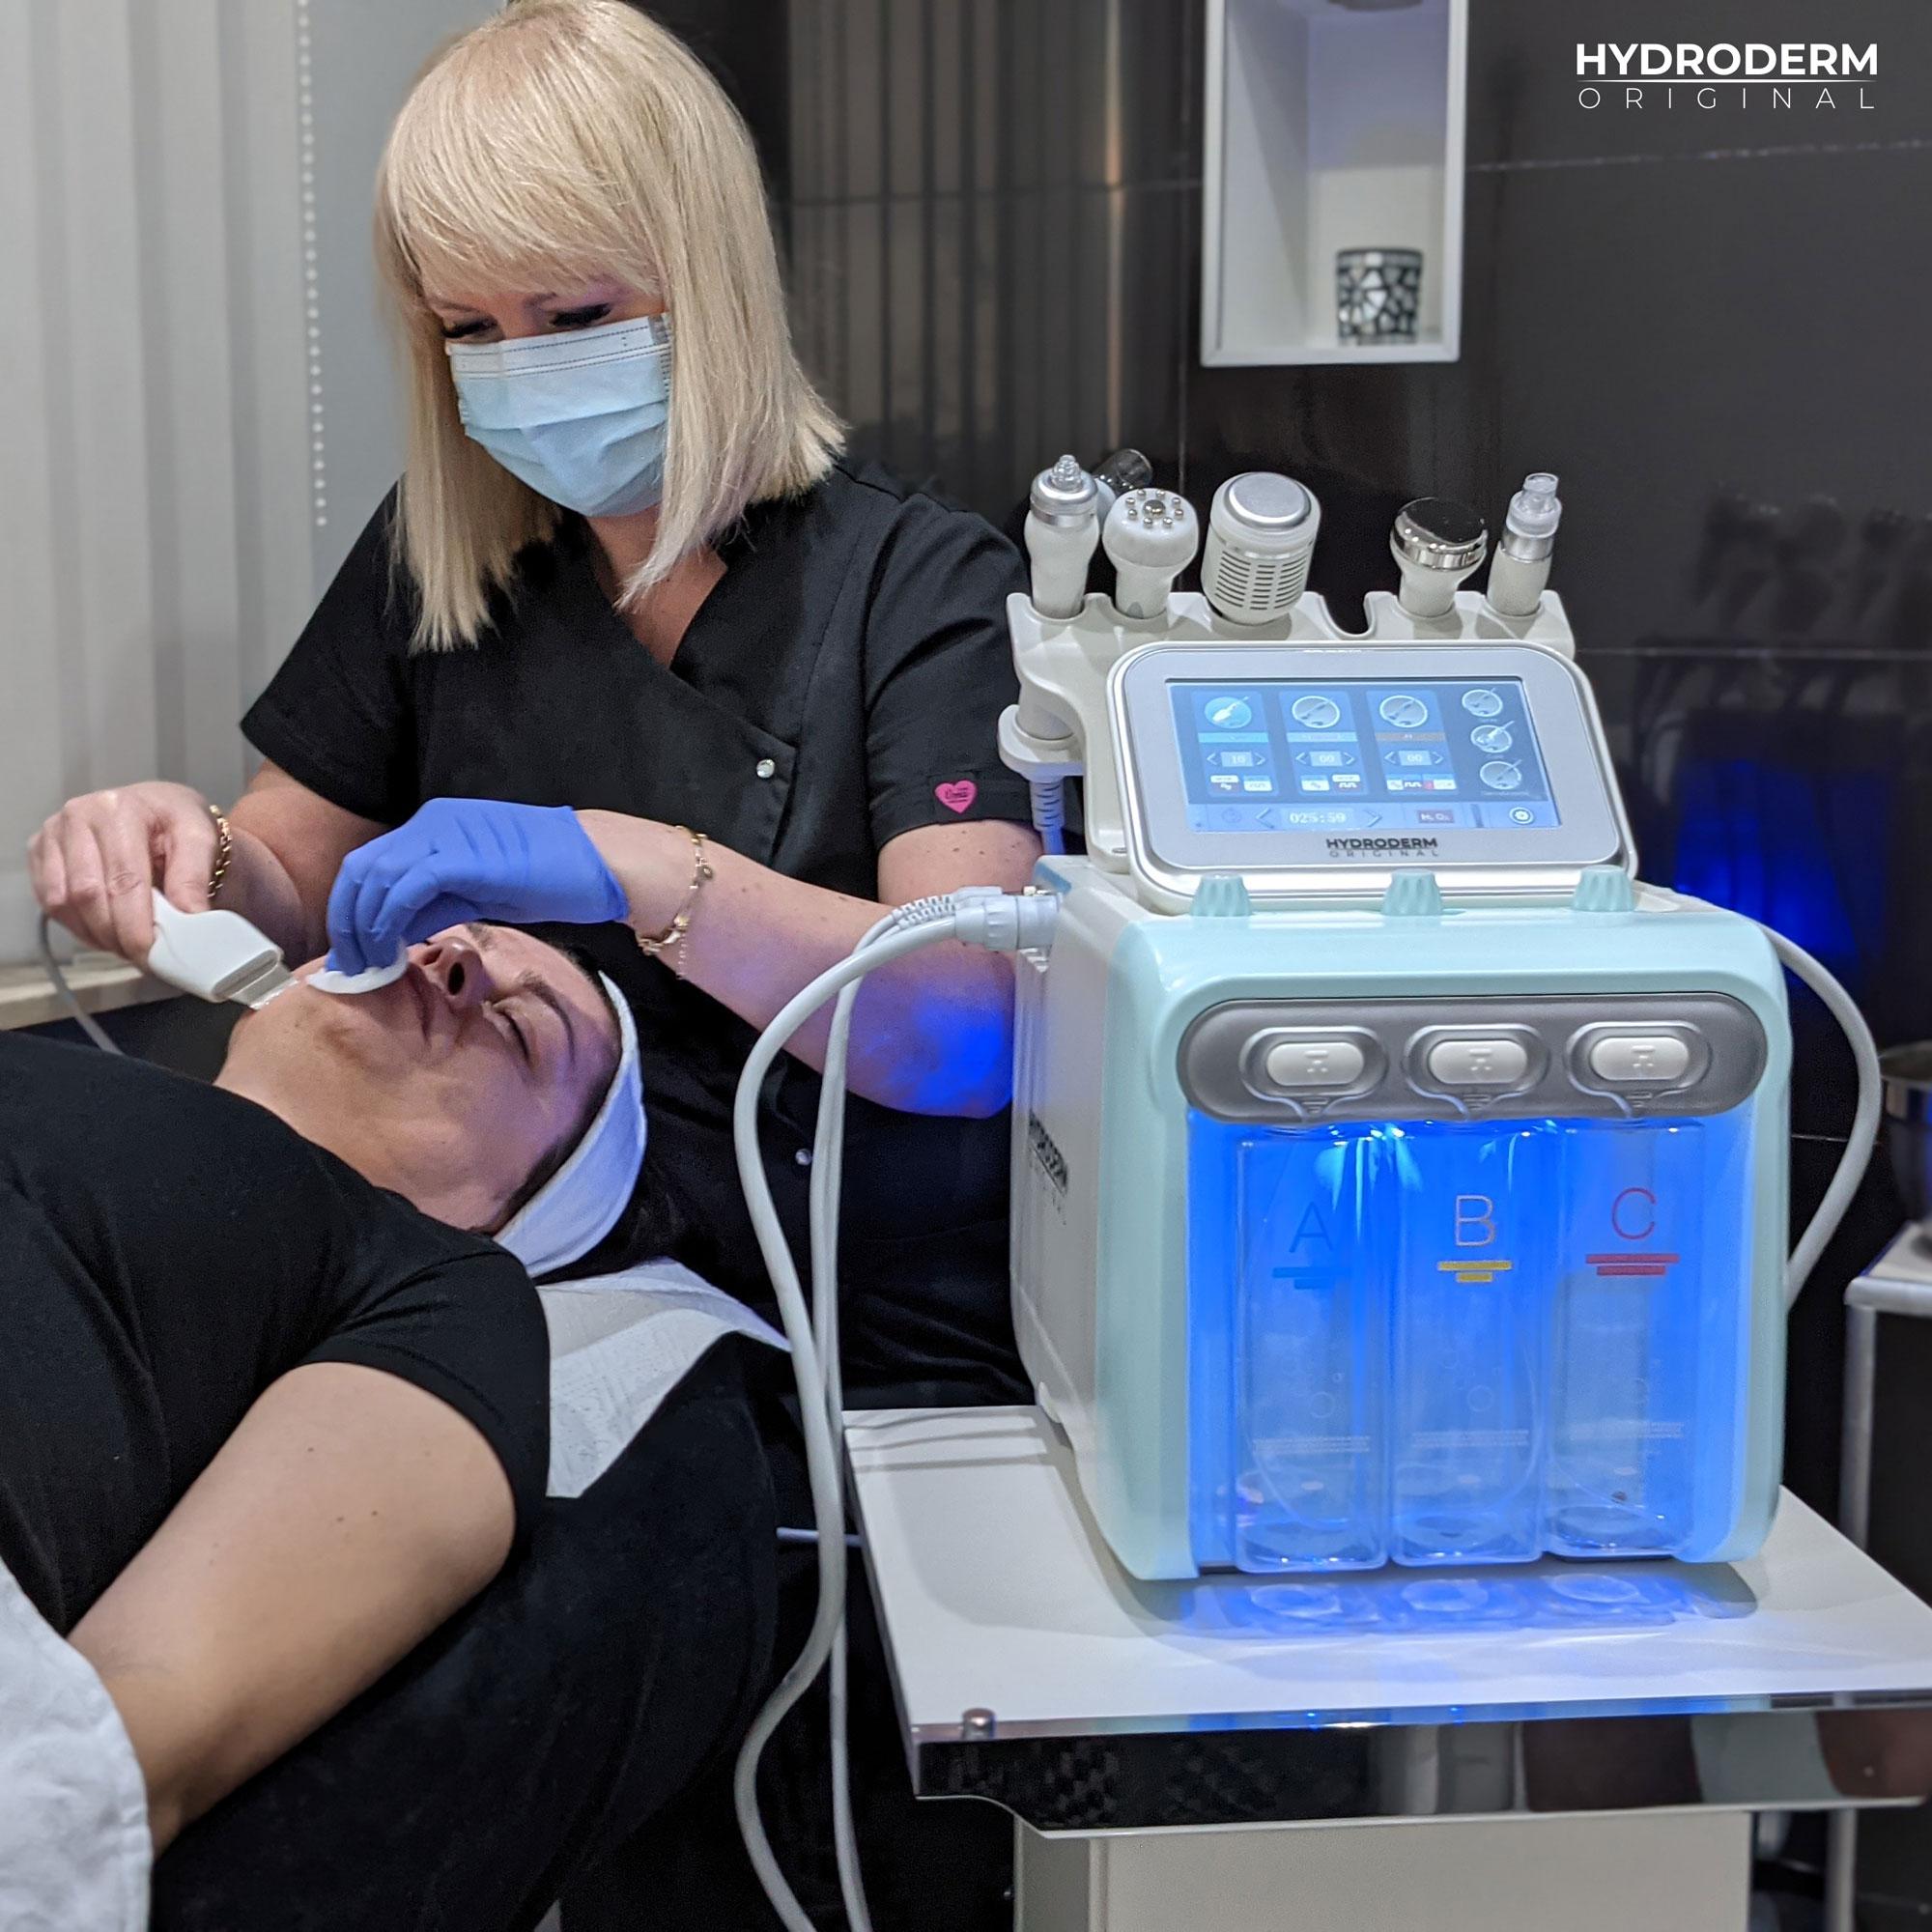 Mezoterapia bezigłowa jest wykorzystana w urządzeniu, aby wzmocnić efektywność penetracji substancji aktywnych